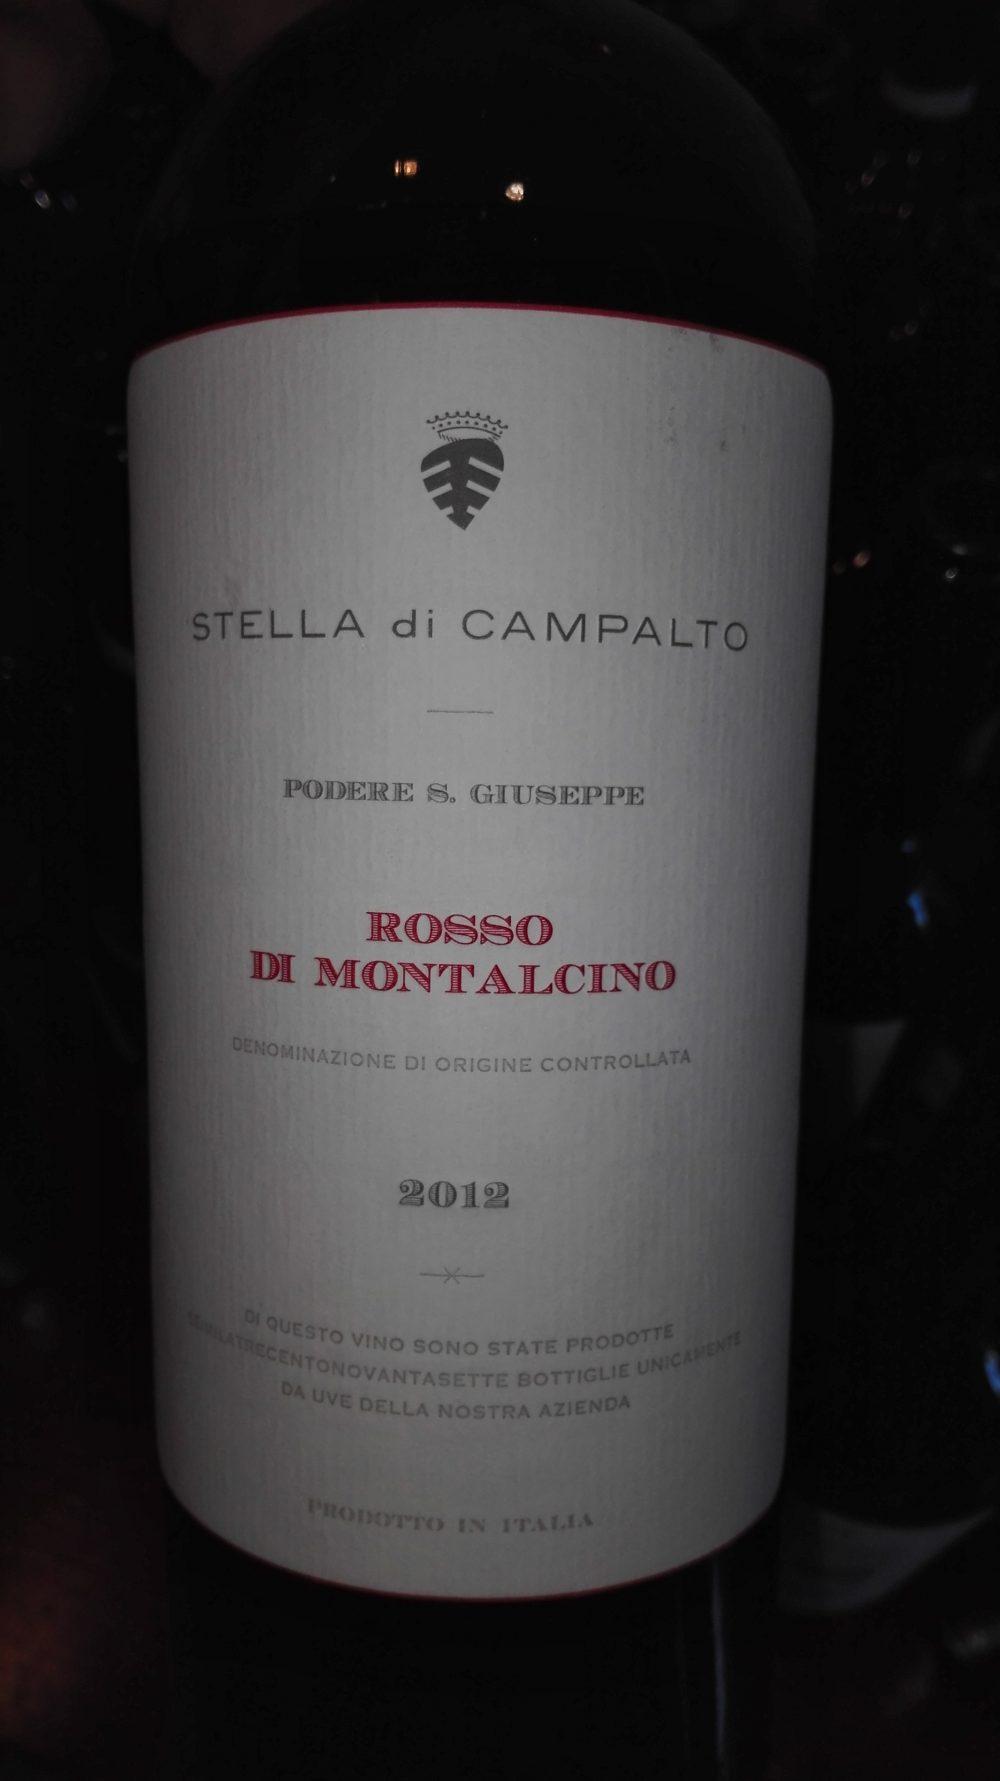 Brunello di Montalcino 2013 Vs 2012 - Stella di Campalto